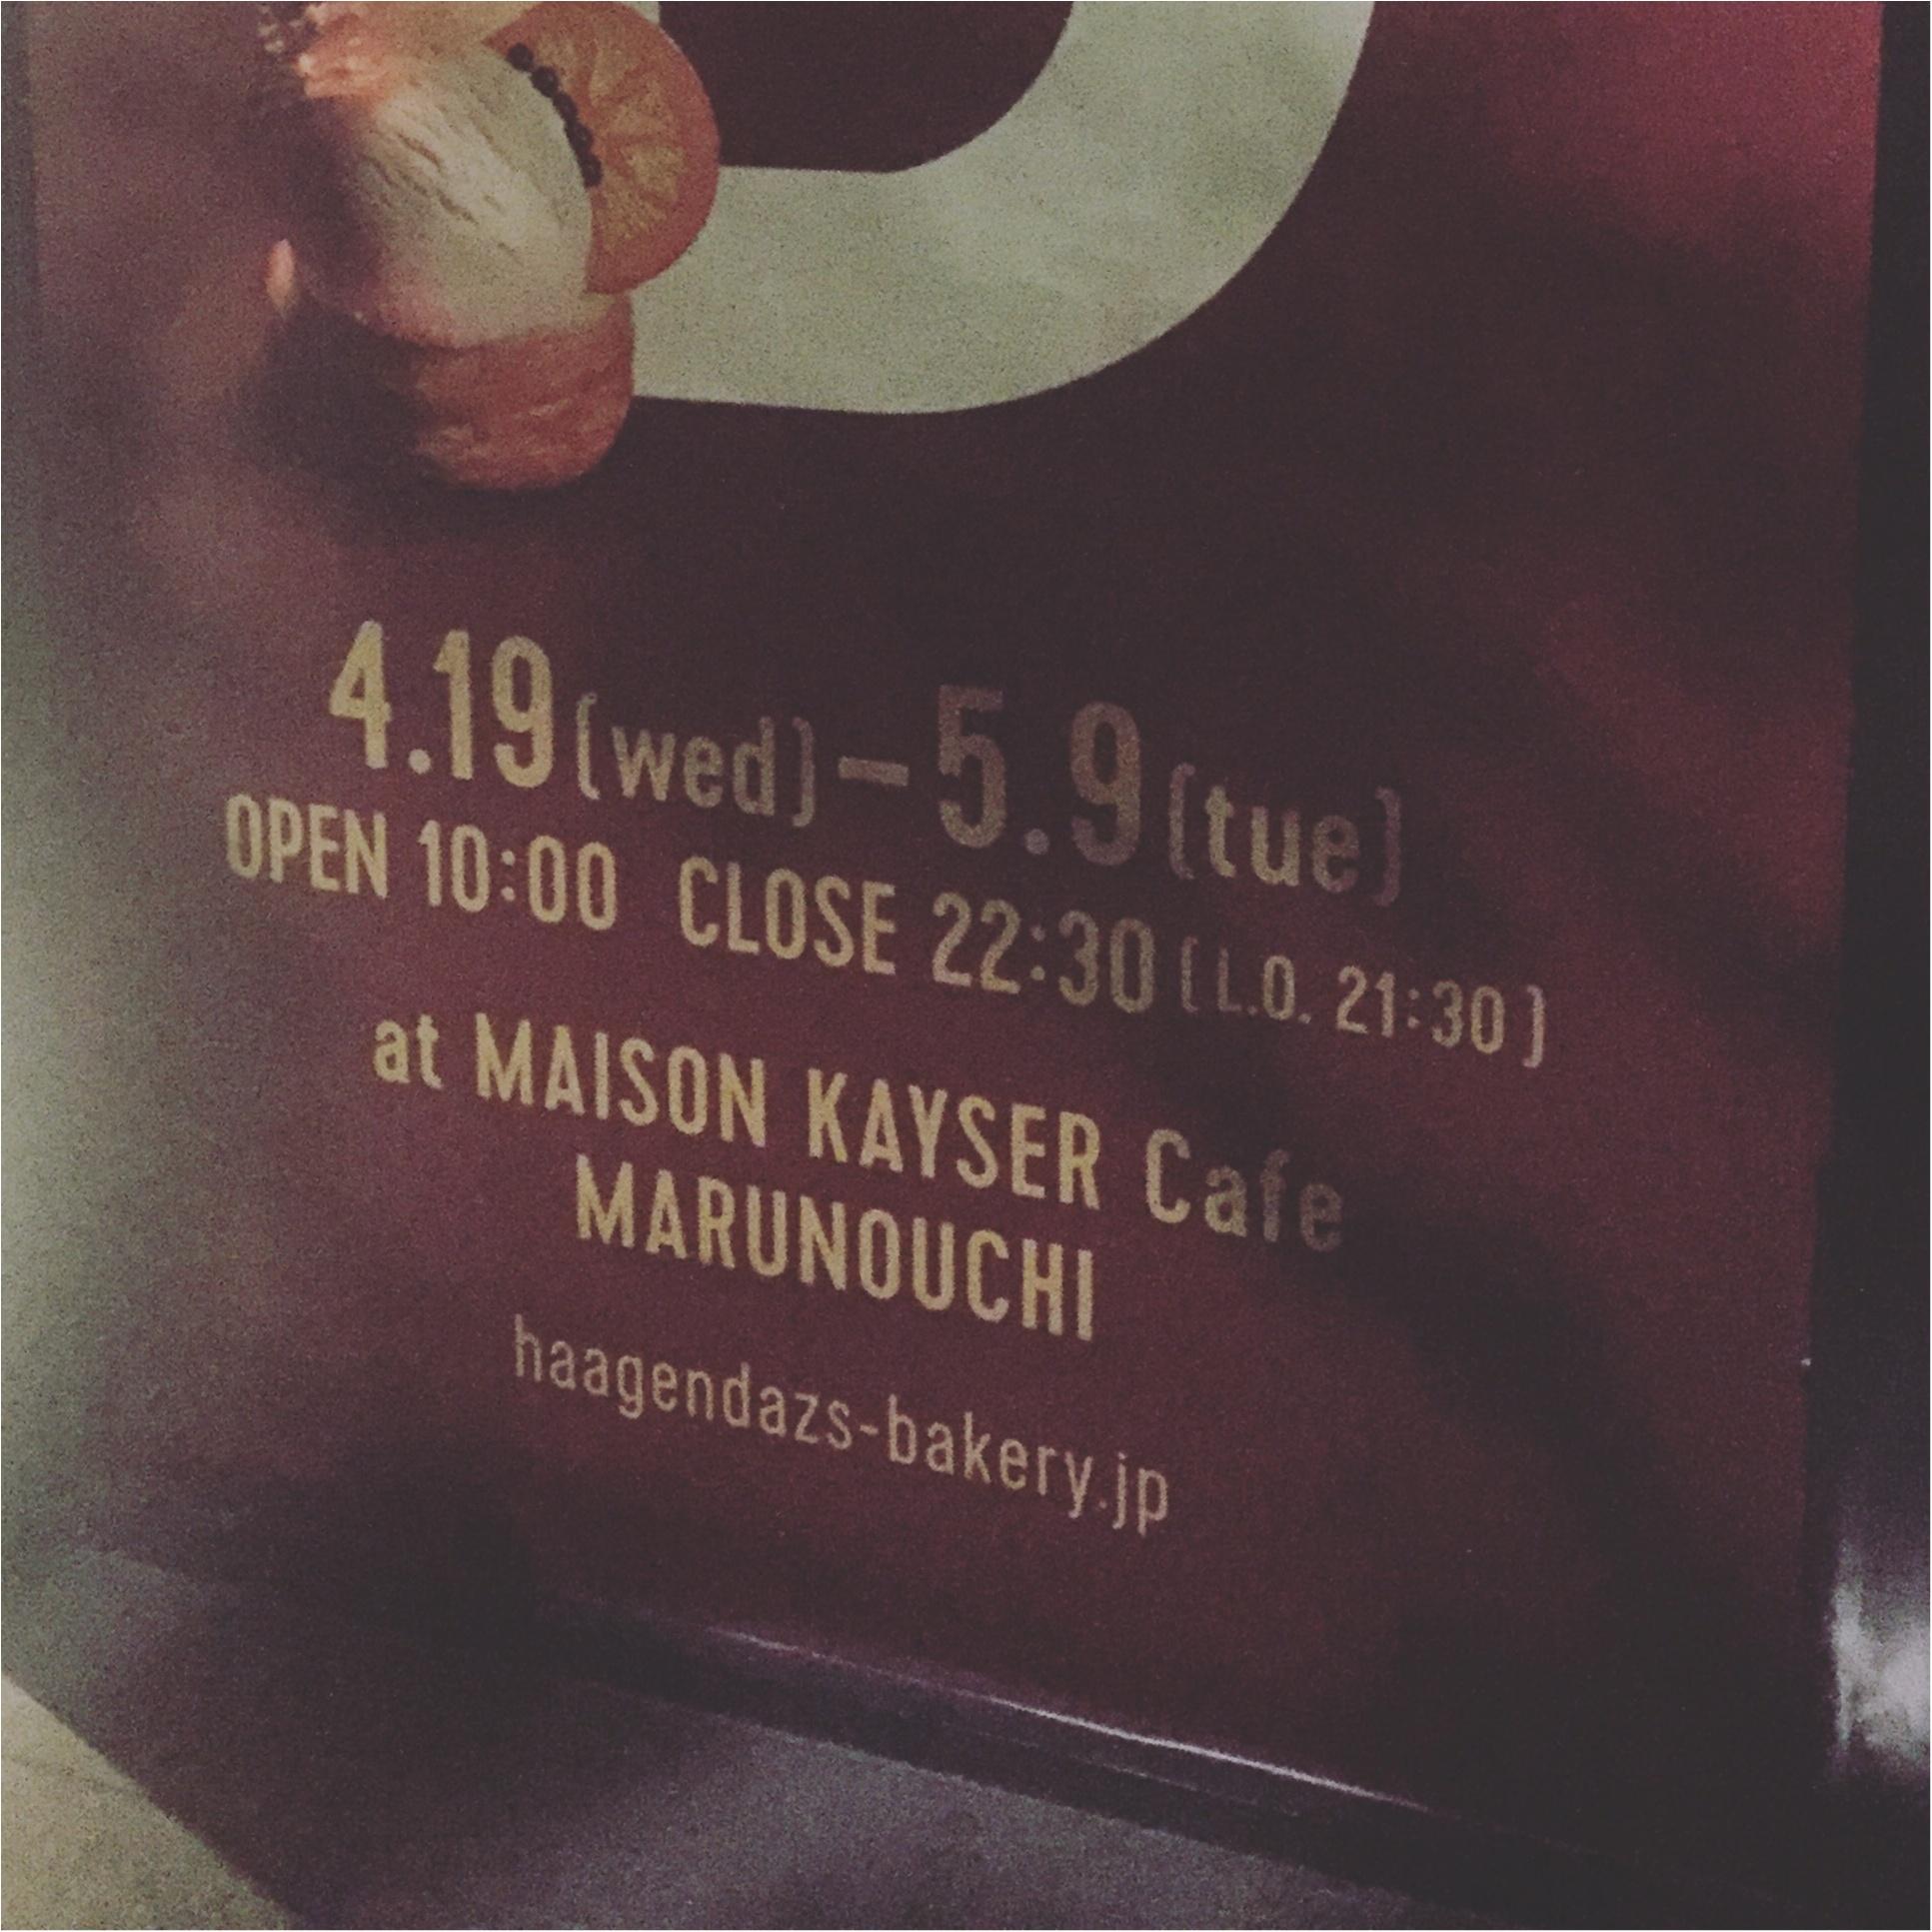 【GWお出掛けスポット】5/9まで!ハーゲンダッツ×メゾンカイザーがコラボしたカフェでアイスパンをいただき☆≪samenyan≫_2